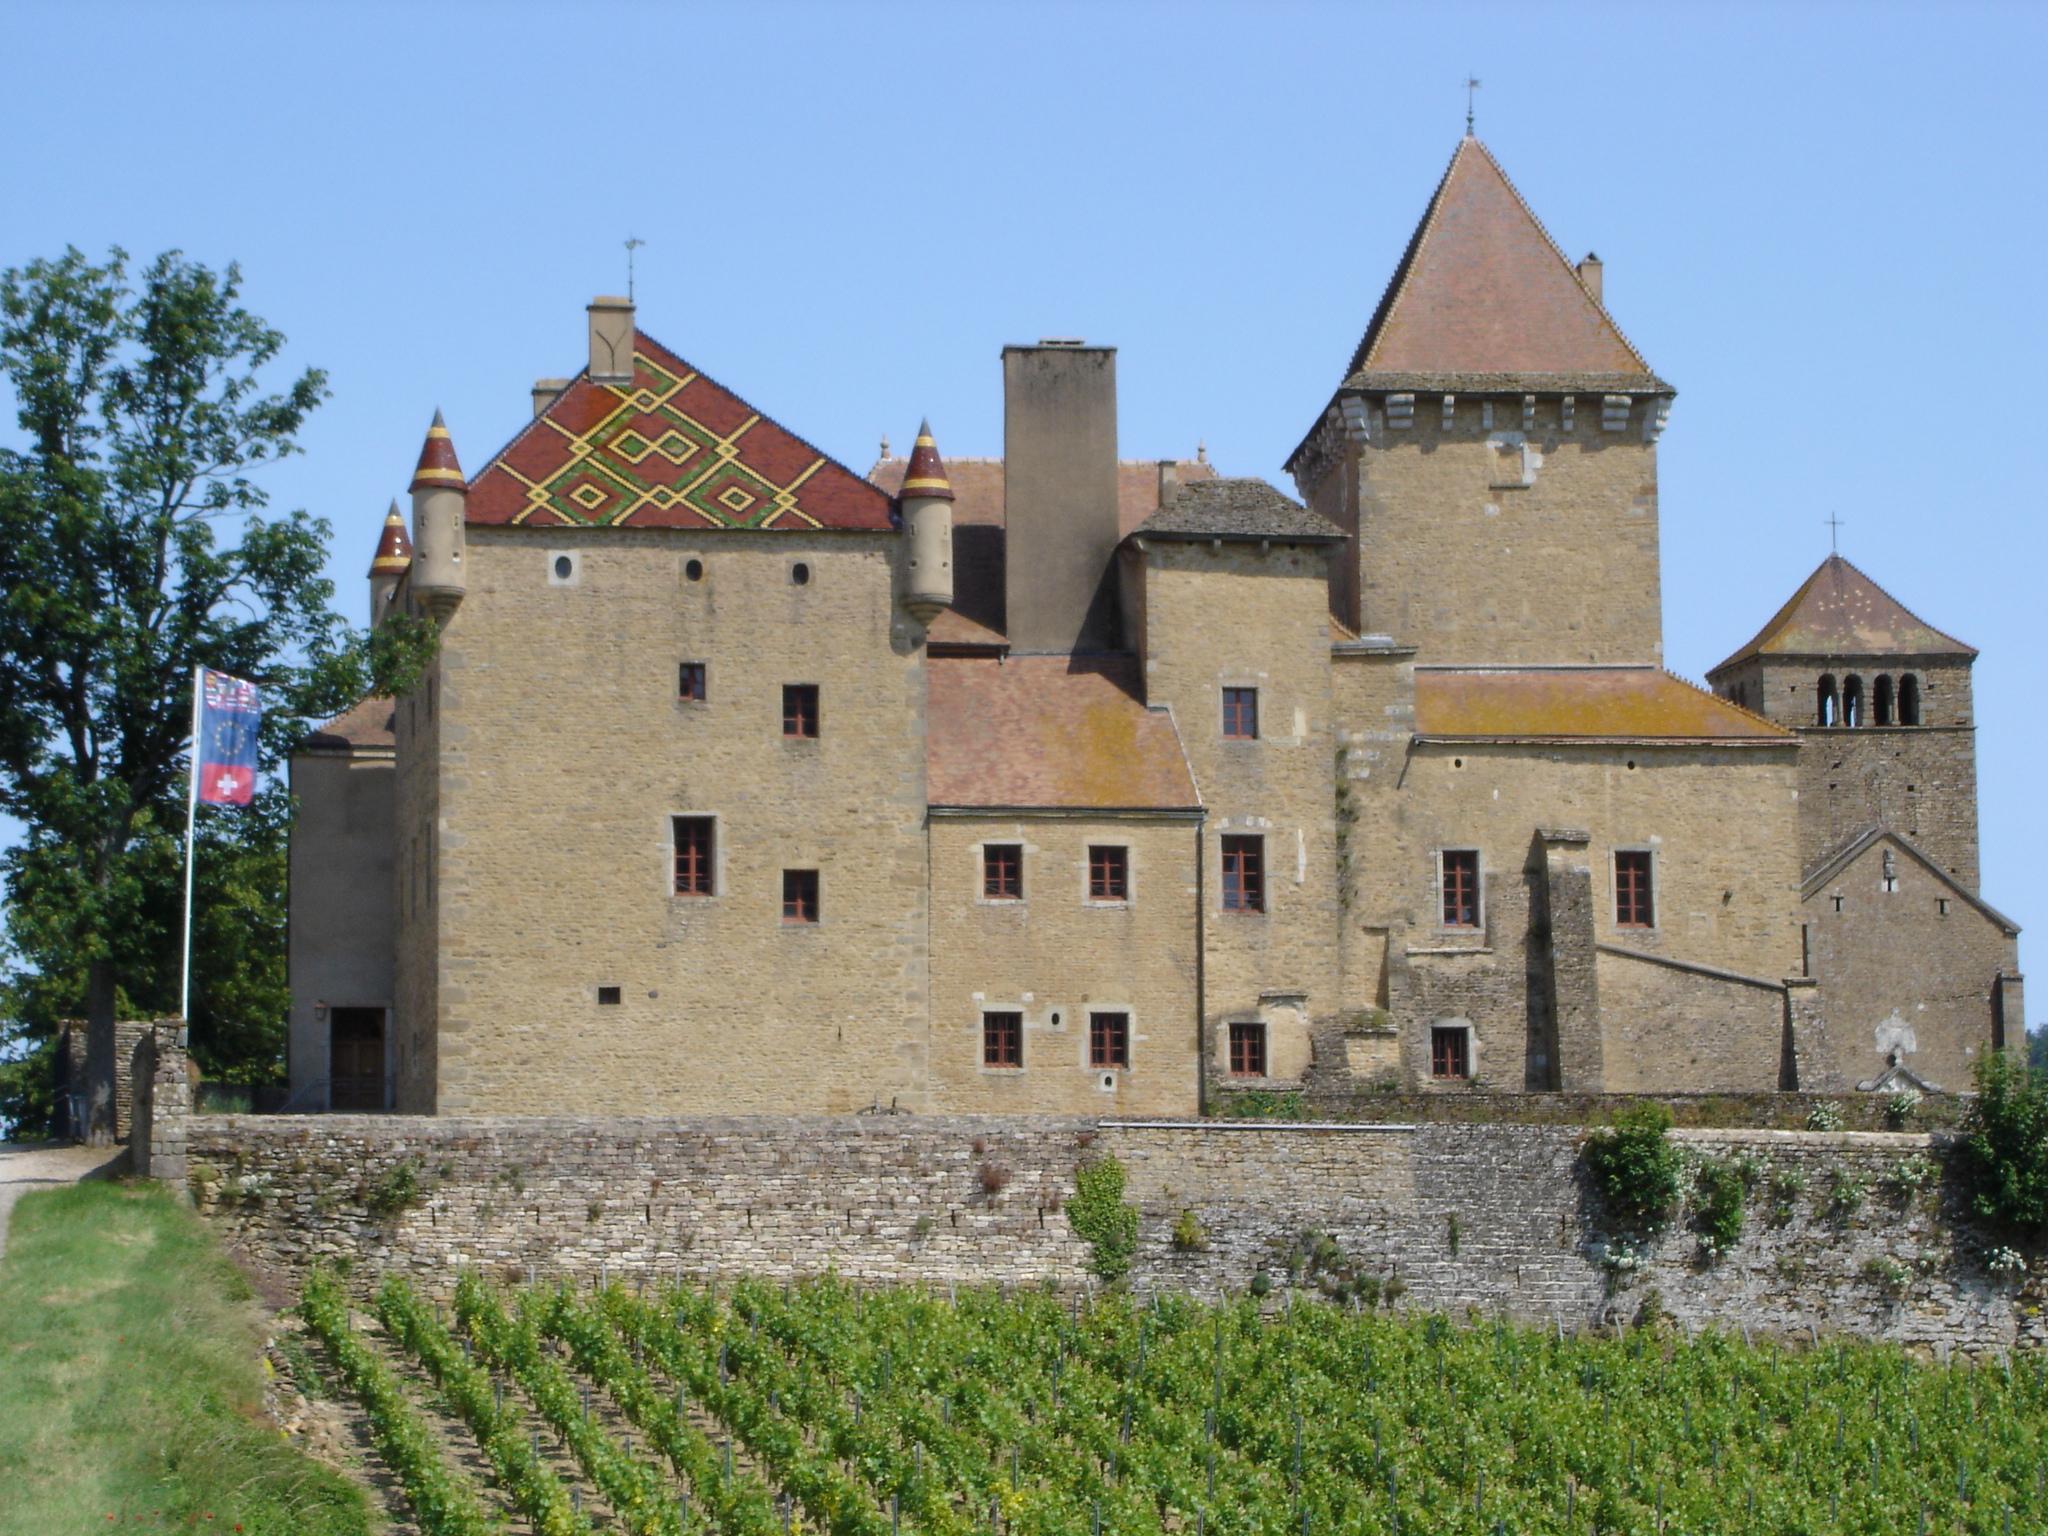 848-chateau-de-pierreclos-saone-et-loire.jpg